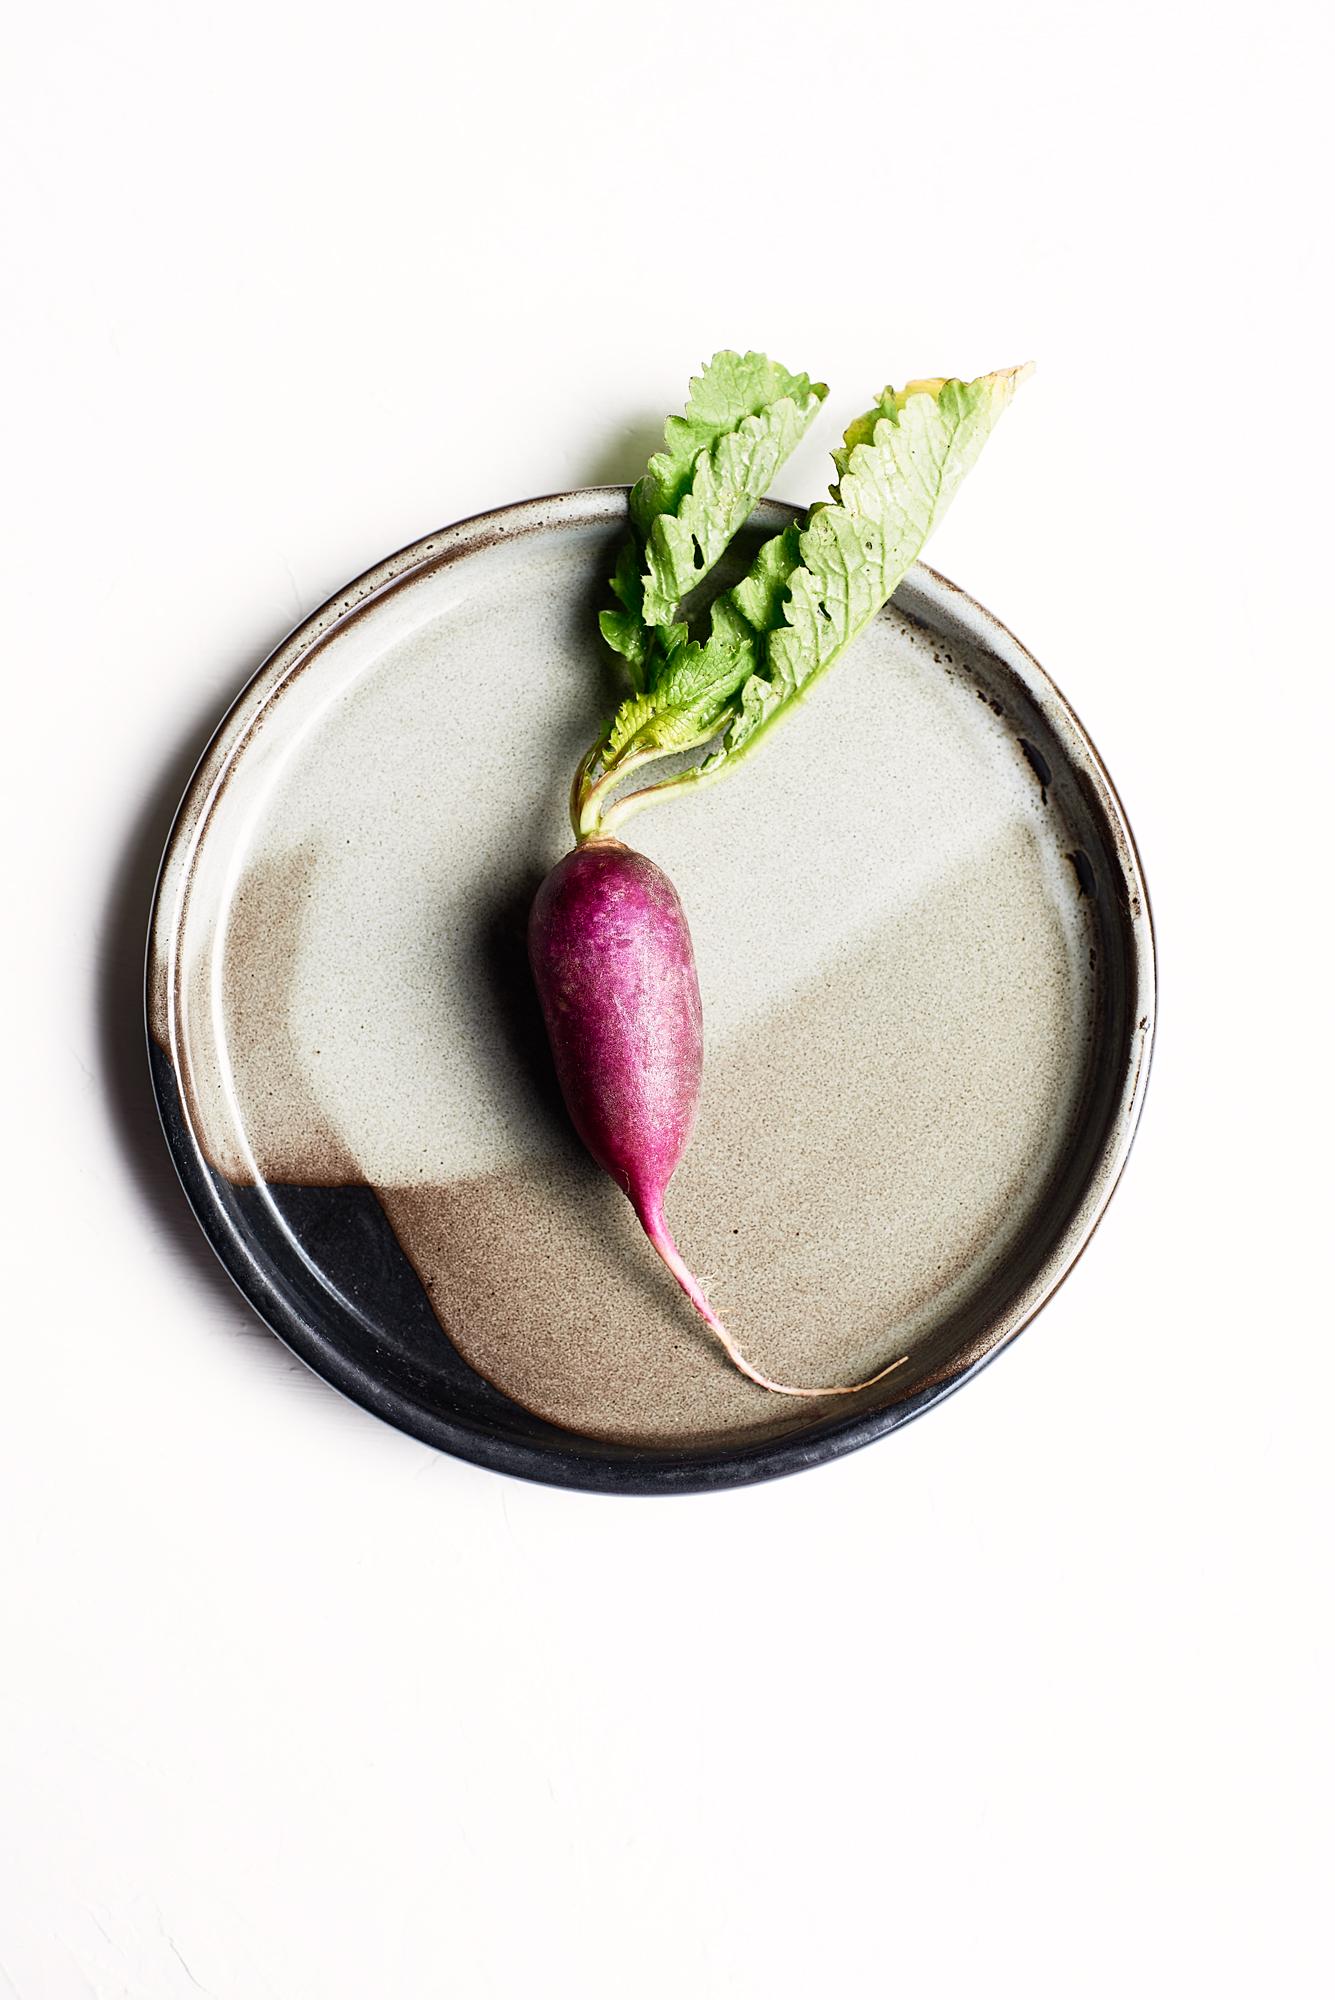 purple-radish.jpg